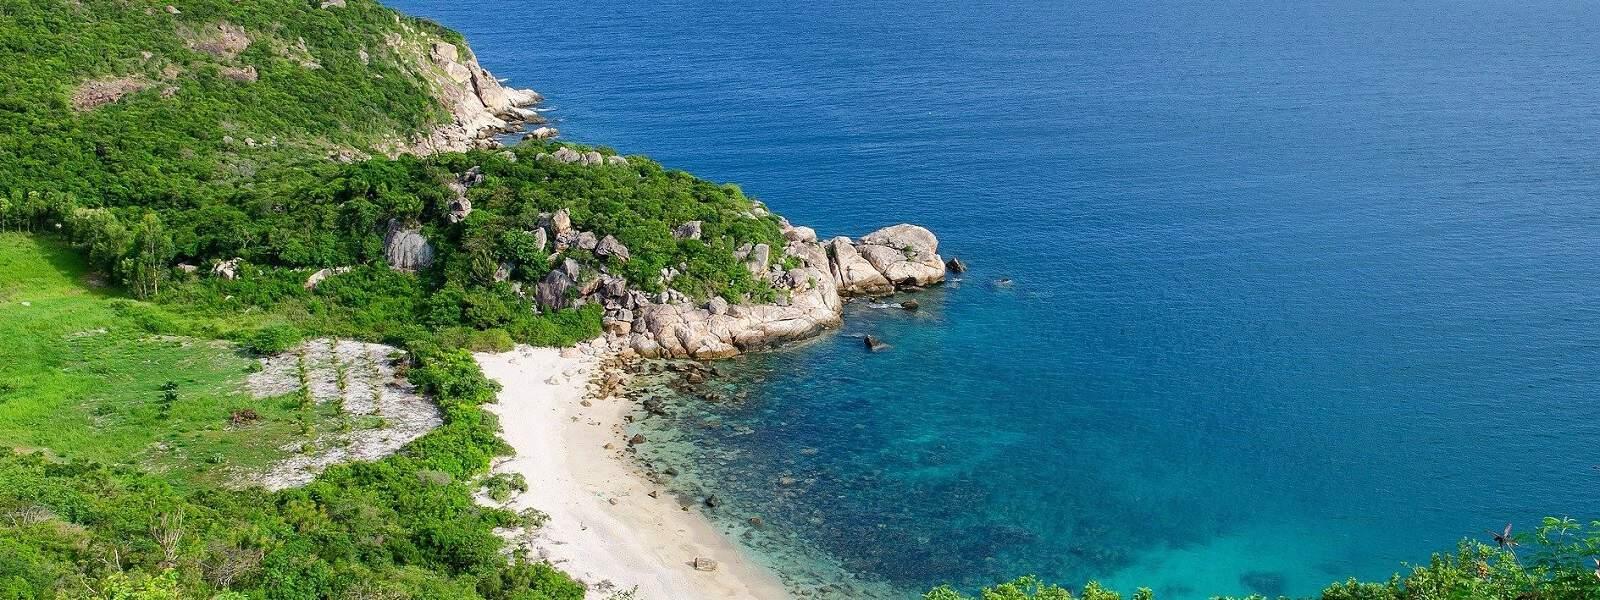 Kinh nghiệm du lịch Nha Trang mới nhất